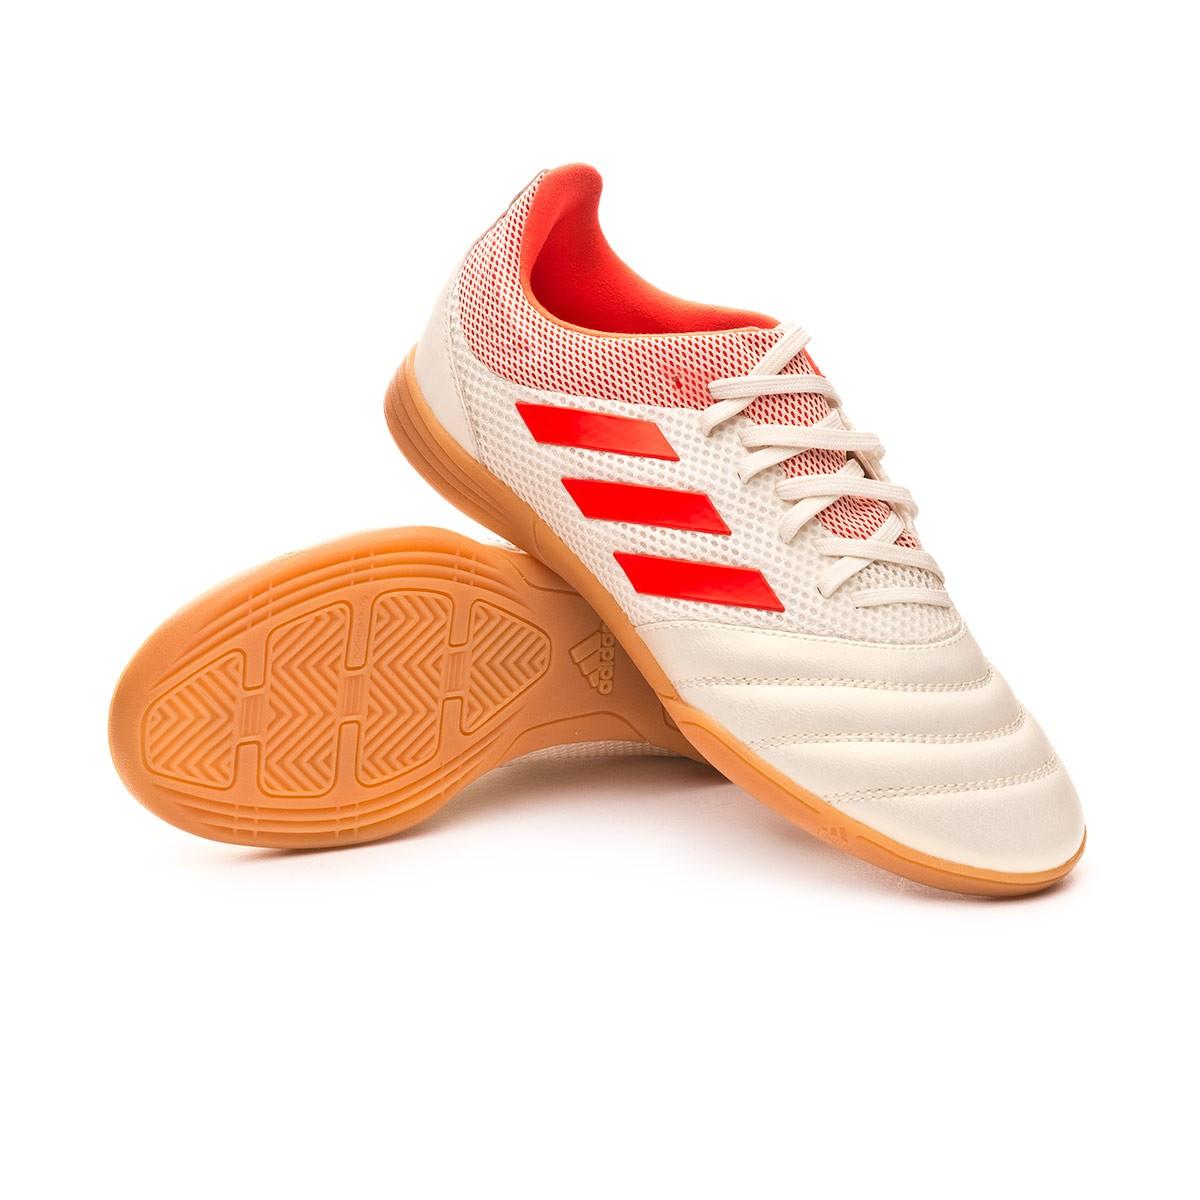 Chaussure de futsal adidas Copa 19.3 IN Sala enfant